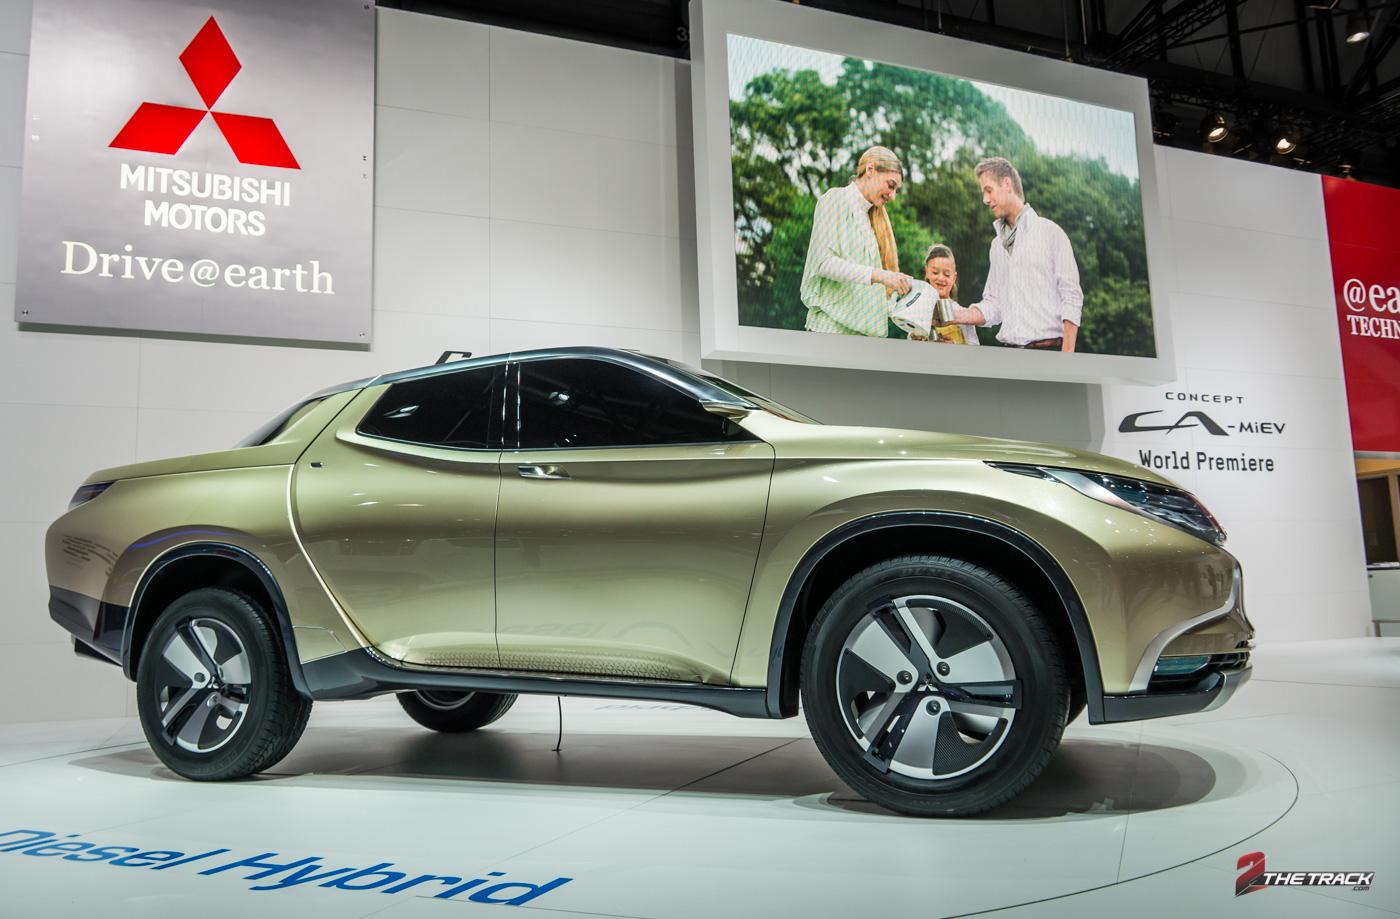 Mitsubishi bouwt meer concepts dan productiewagens, met de GR-MEV Concept experimenteerde ze met een diesel-hybride aandrijving in een pick-up truck.